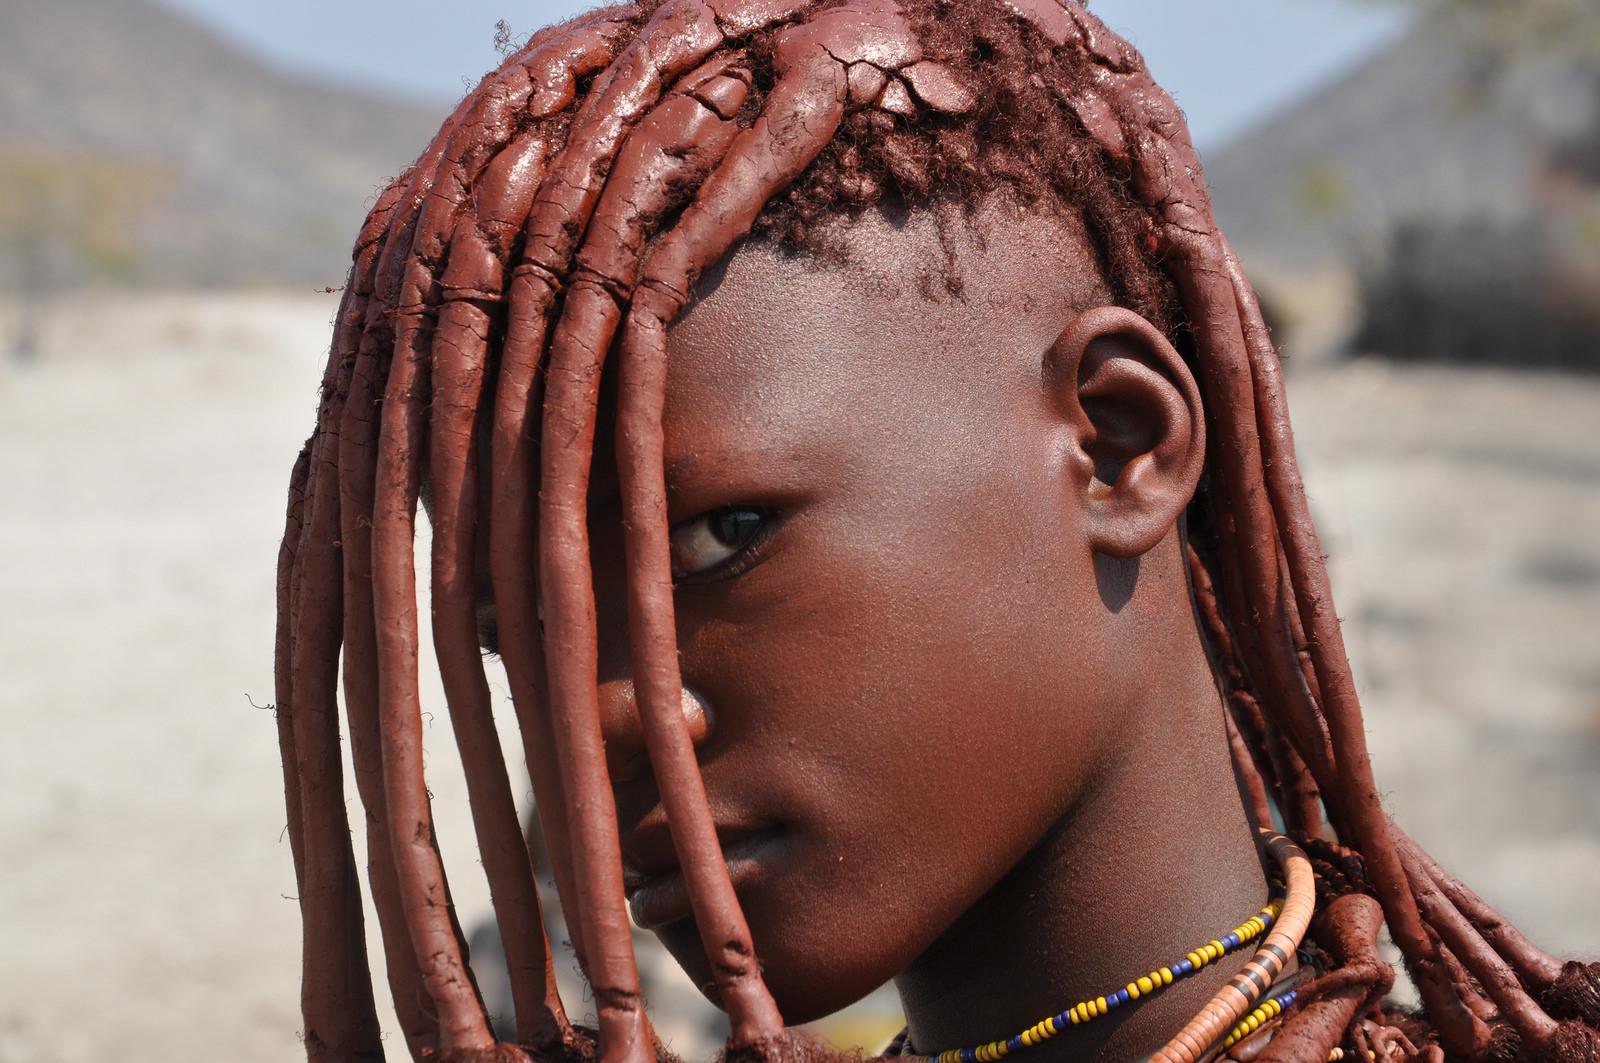 golie-modeli-iz-afrikanskih-plemen-foto-paltsem-zhopu-onlayn